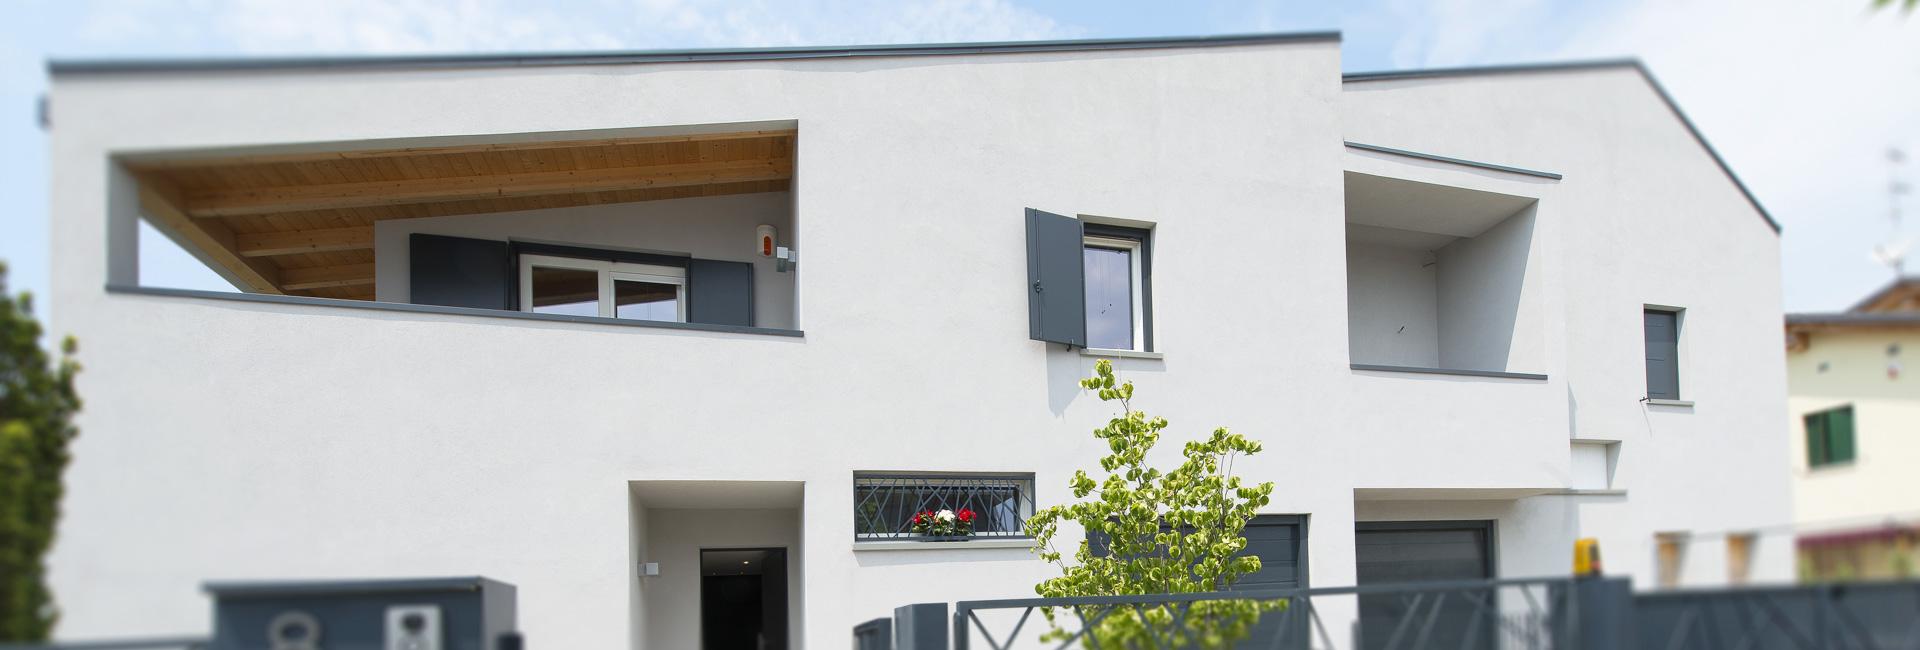 La tua casa su misura sistem costruzioni - La tua casa parma ...